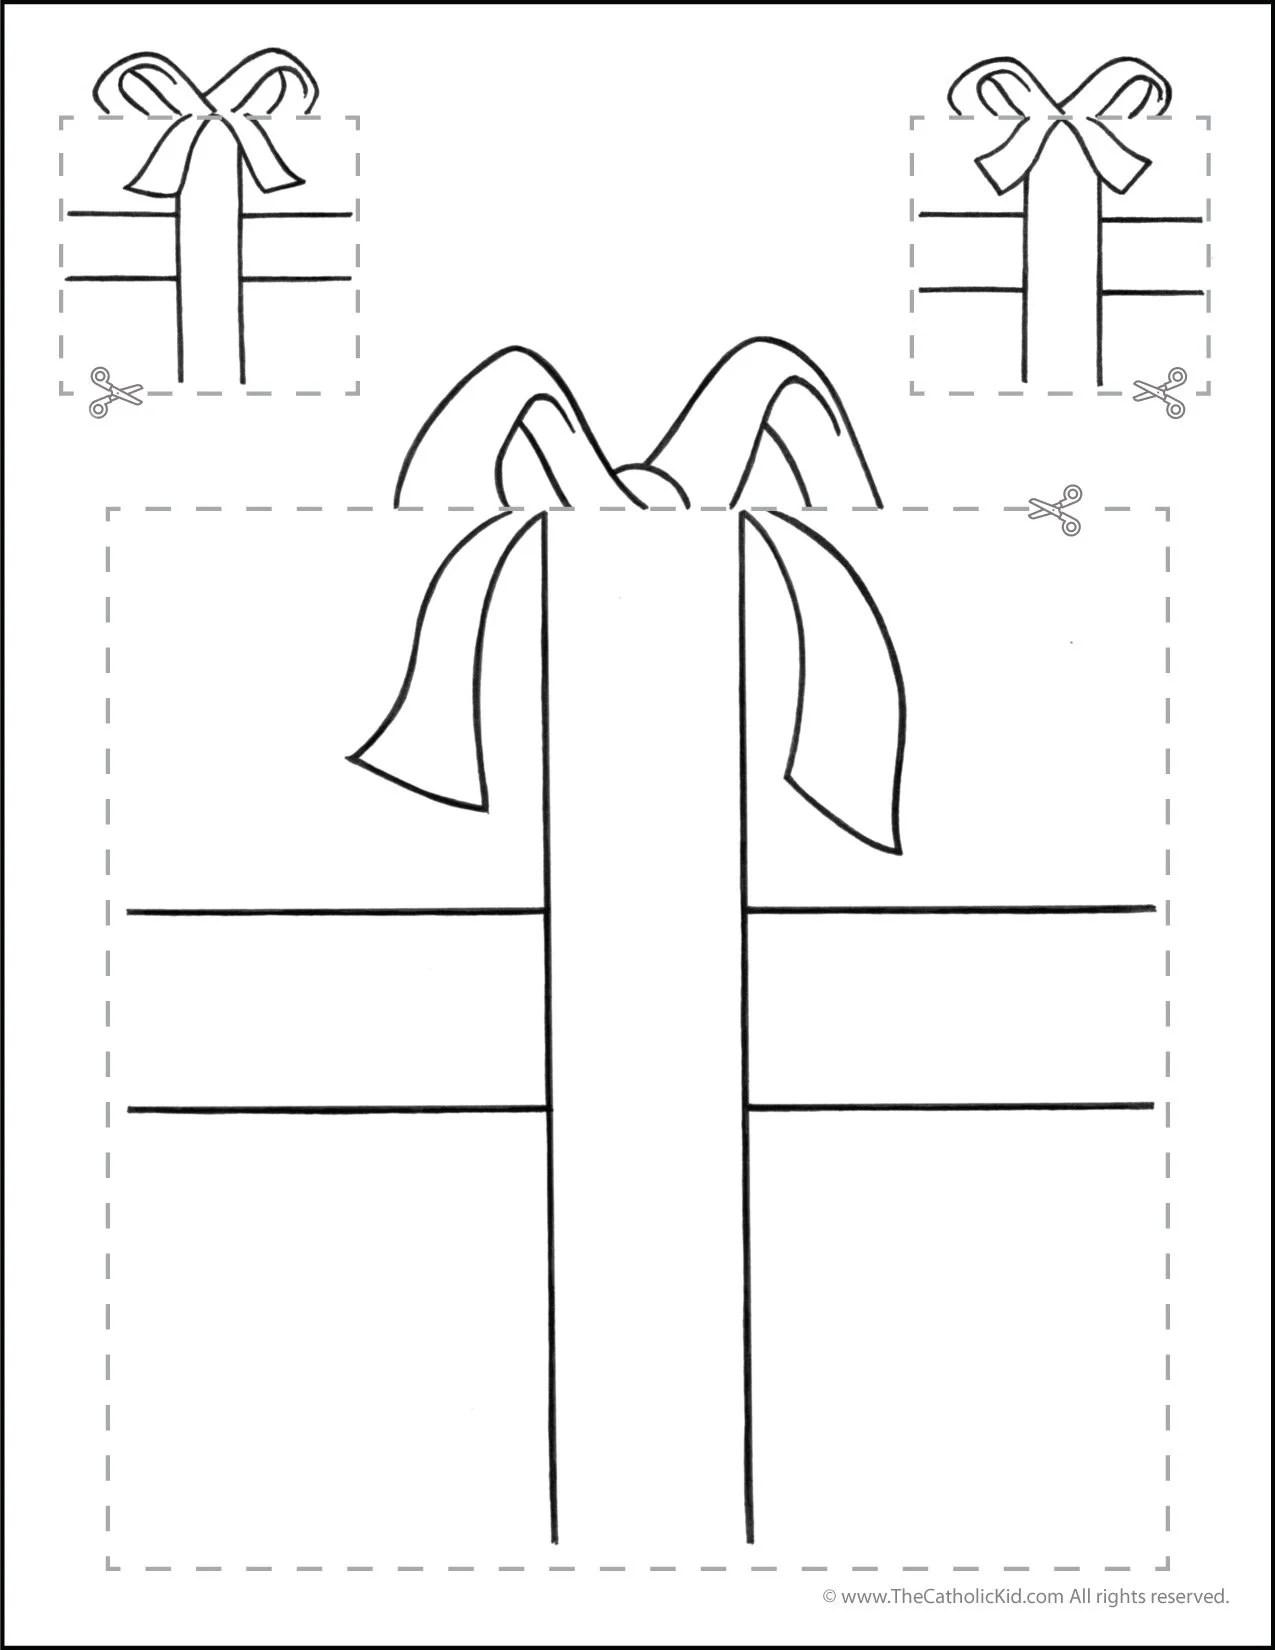 Catholic Cutting Worksheet Squares